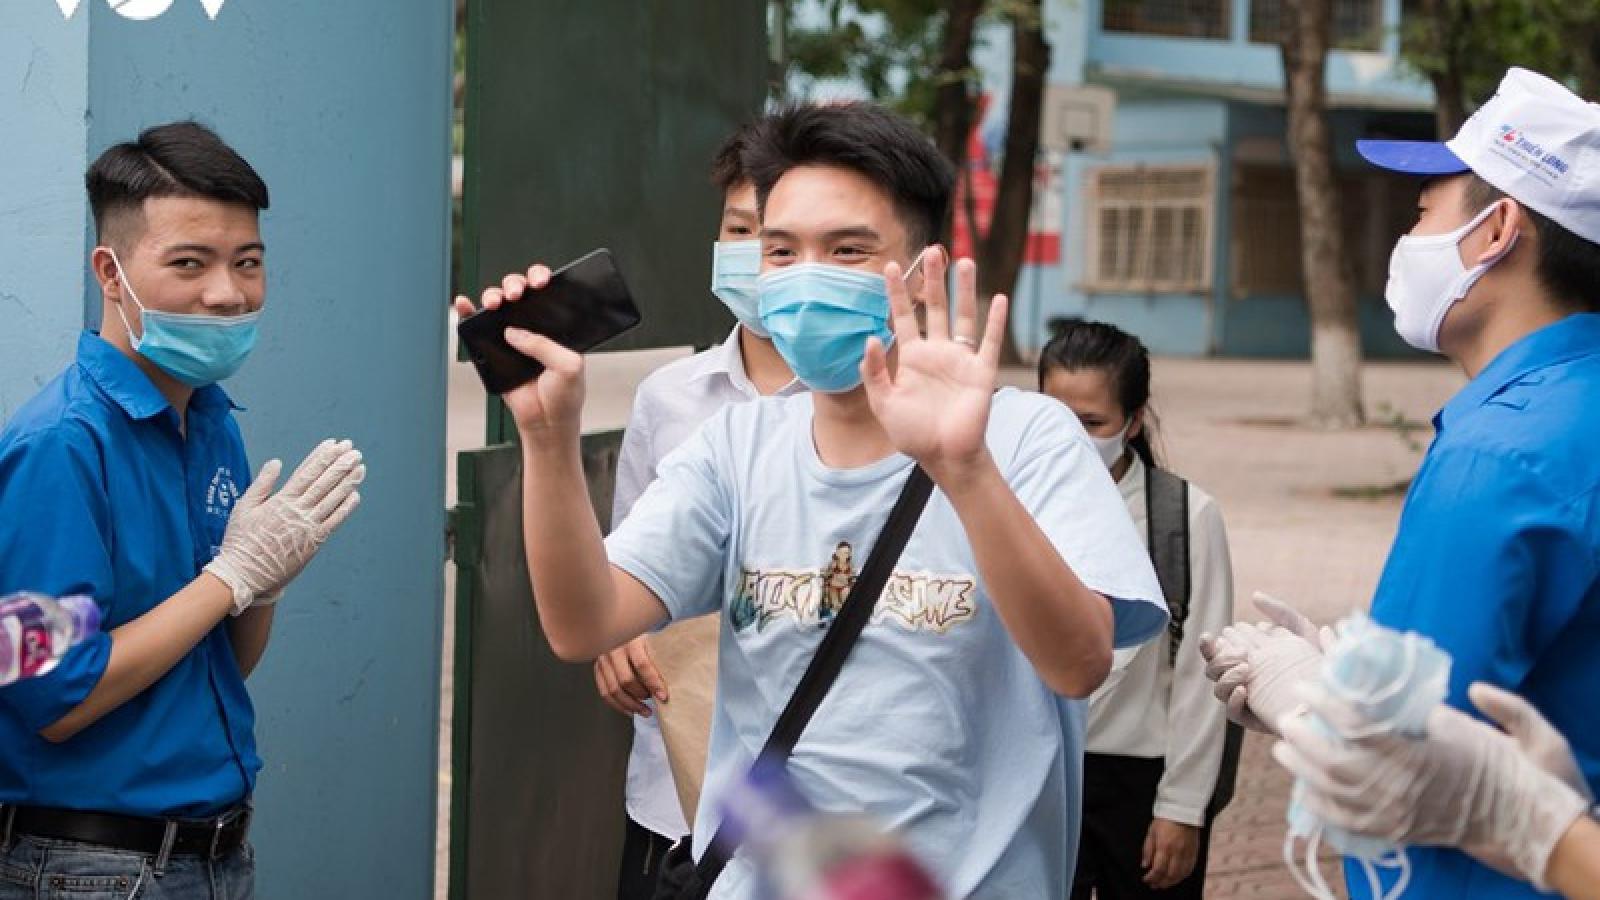 Thí sinh Hà Nội bất ngờ vì đề thi Ngữ văn không hỏi về dịch Covid-19